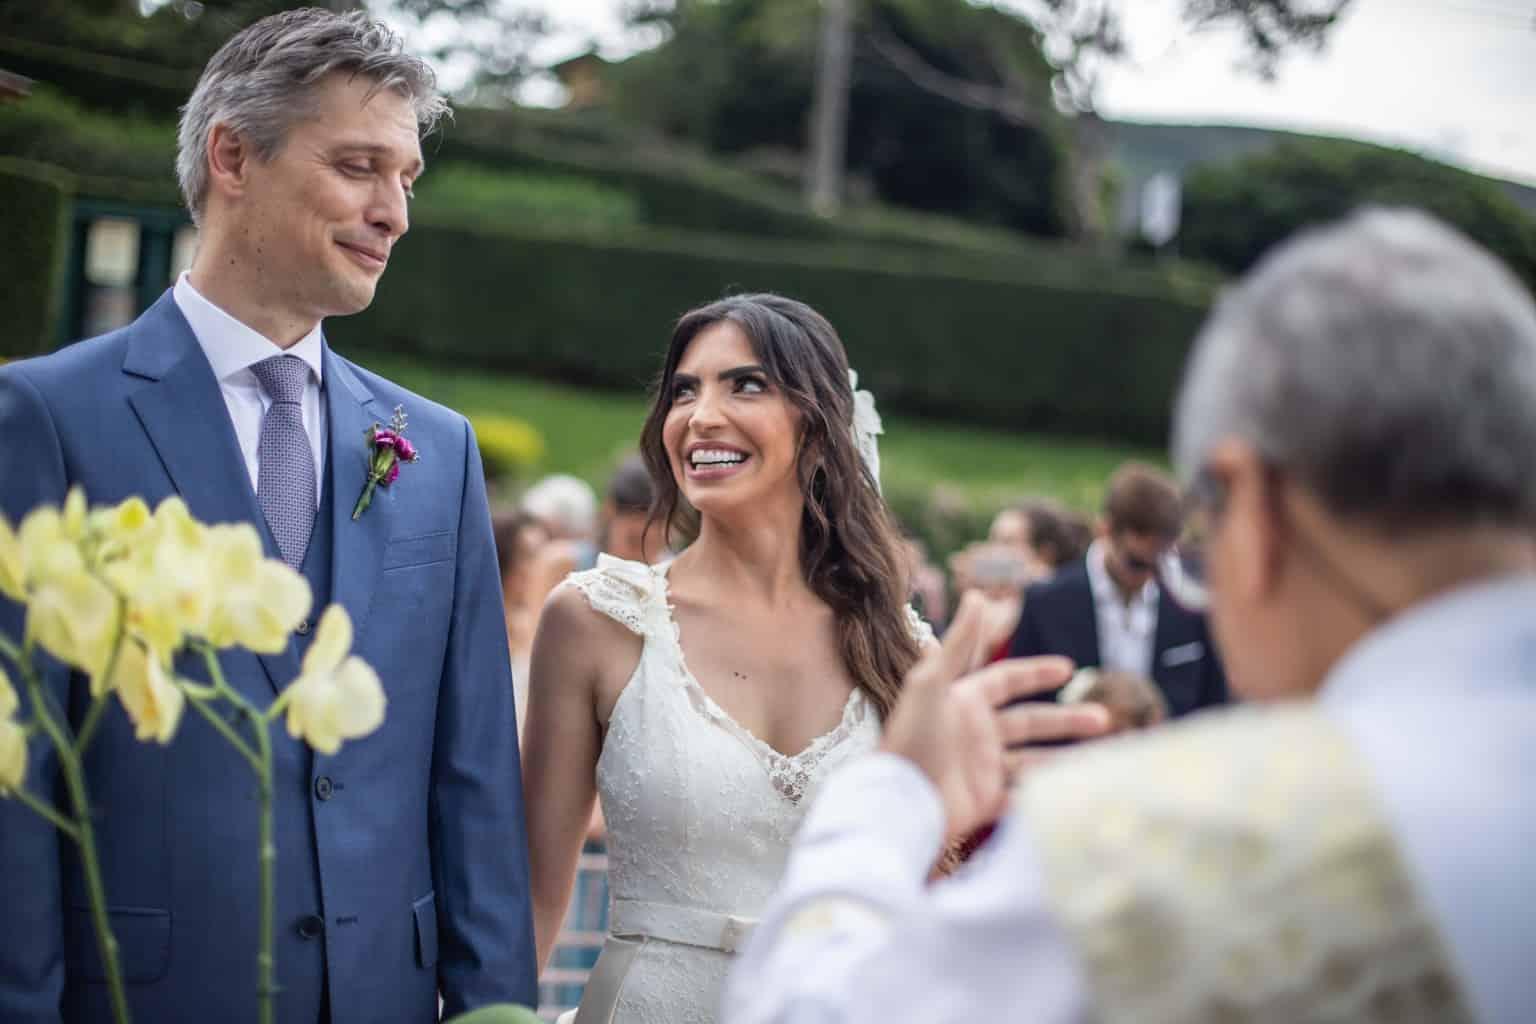 casamento-na-serra-cerimonia-ao-ar-livre-Fotografia-Laura-Campanella-graviola-filmes-Juliana-e-Sebastian-noivos-no-altar-Pousada-La-Belle-Bruna118-1